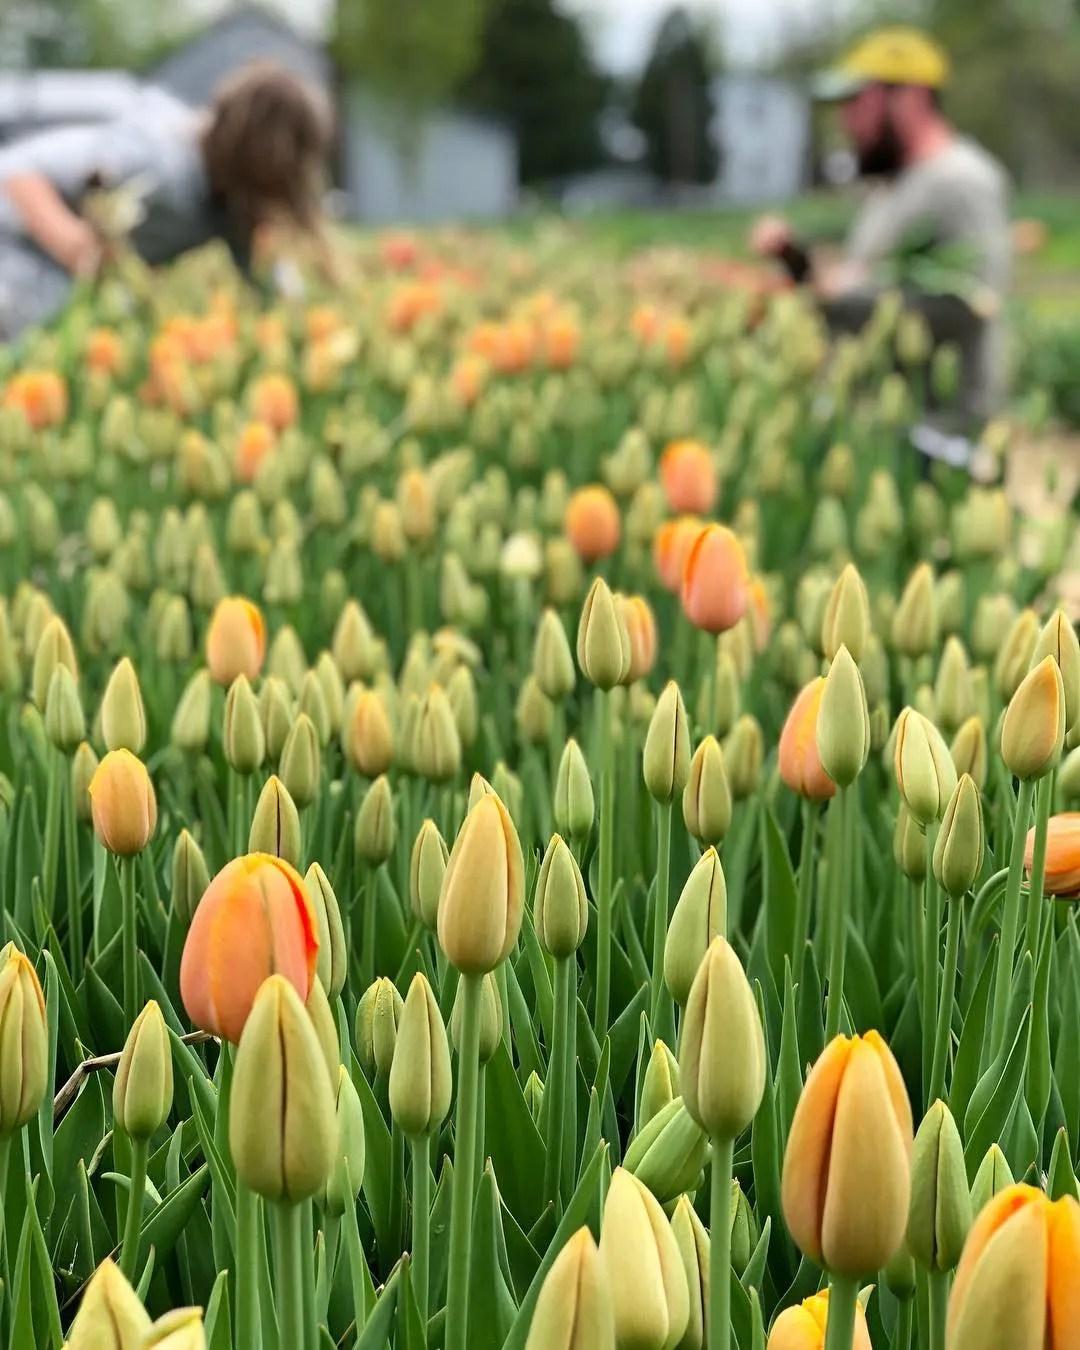 tulips at Tiny Hearts Farm, Copake NY